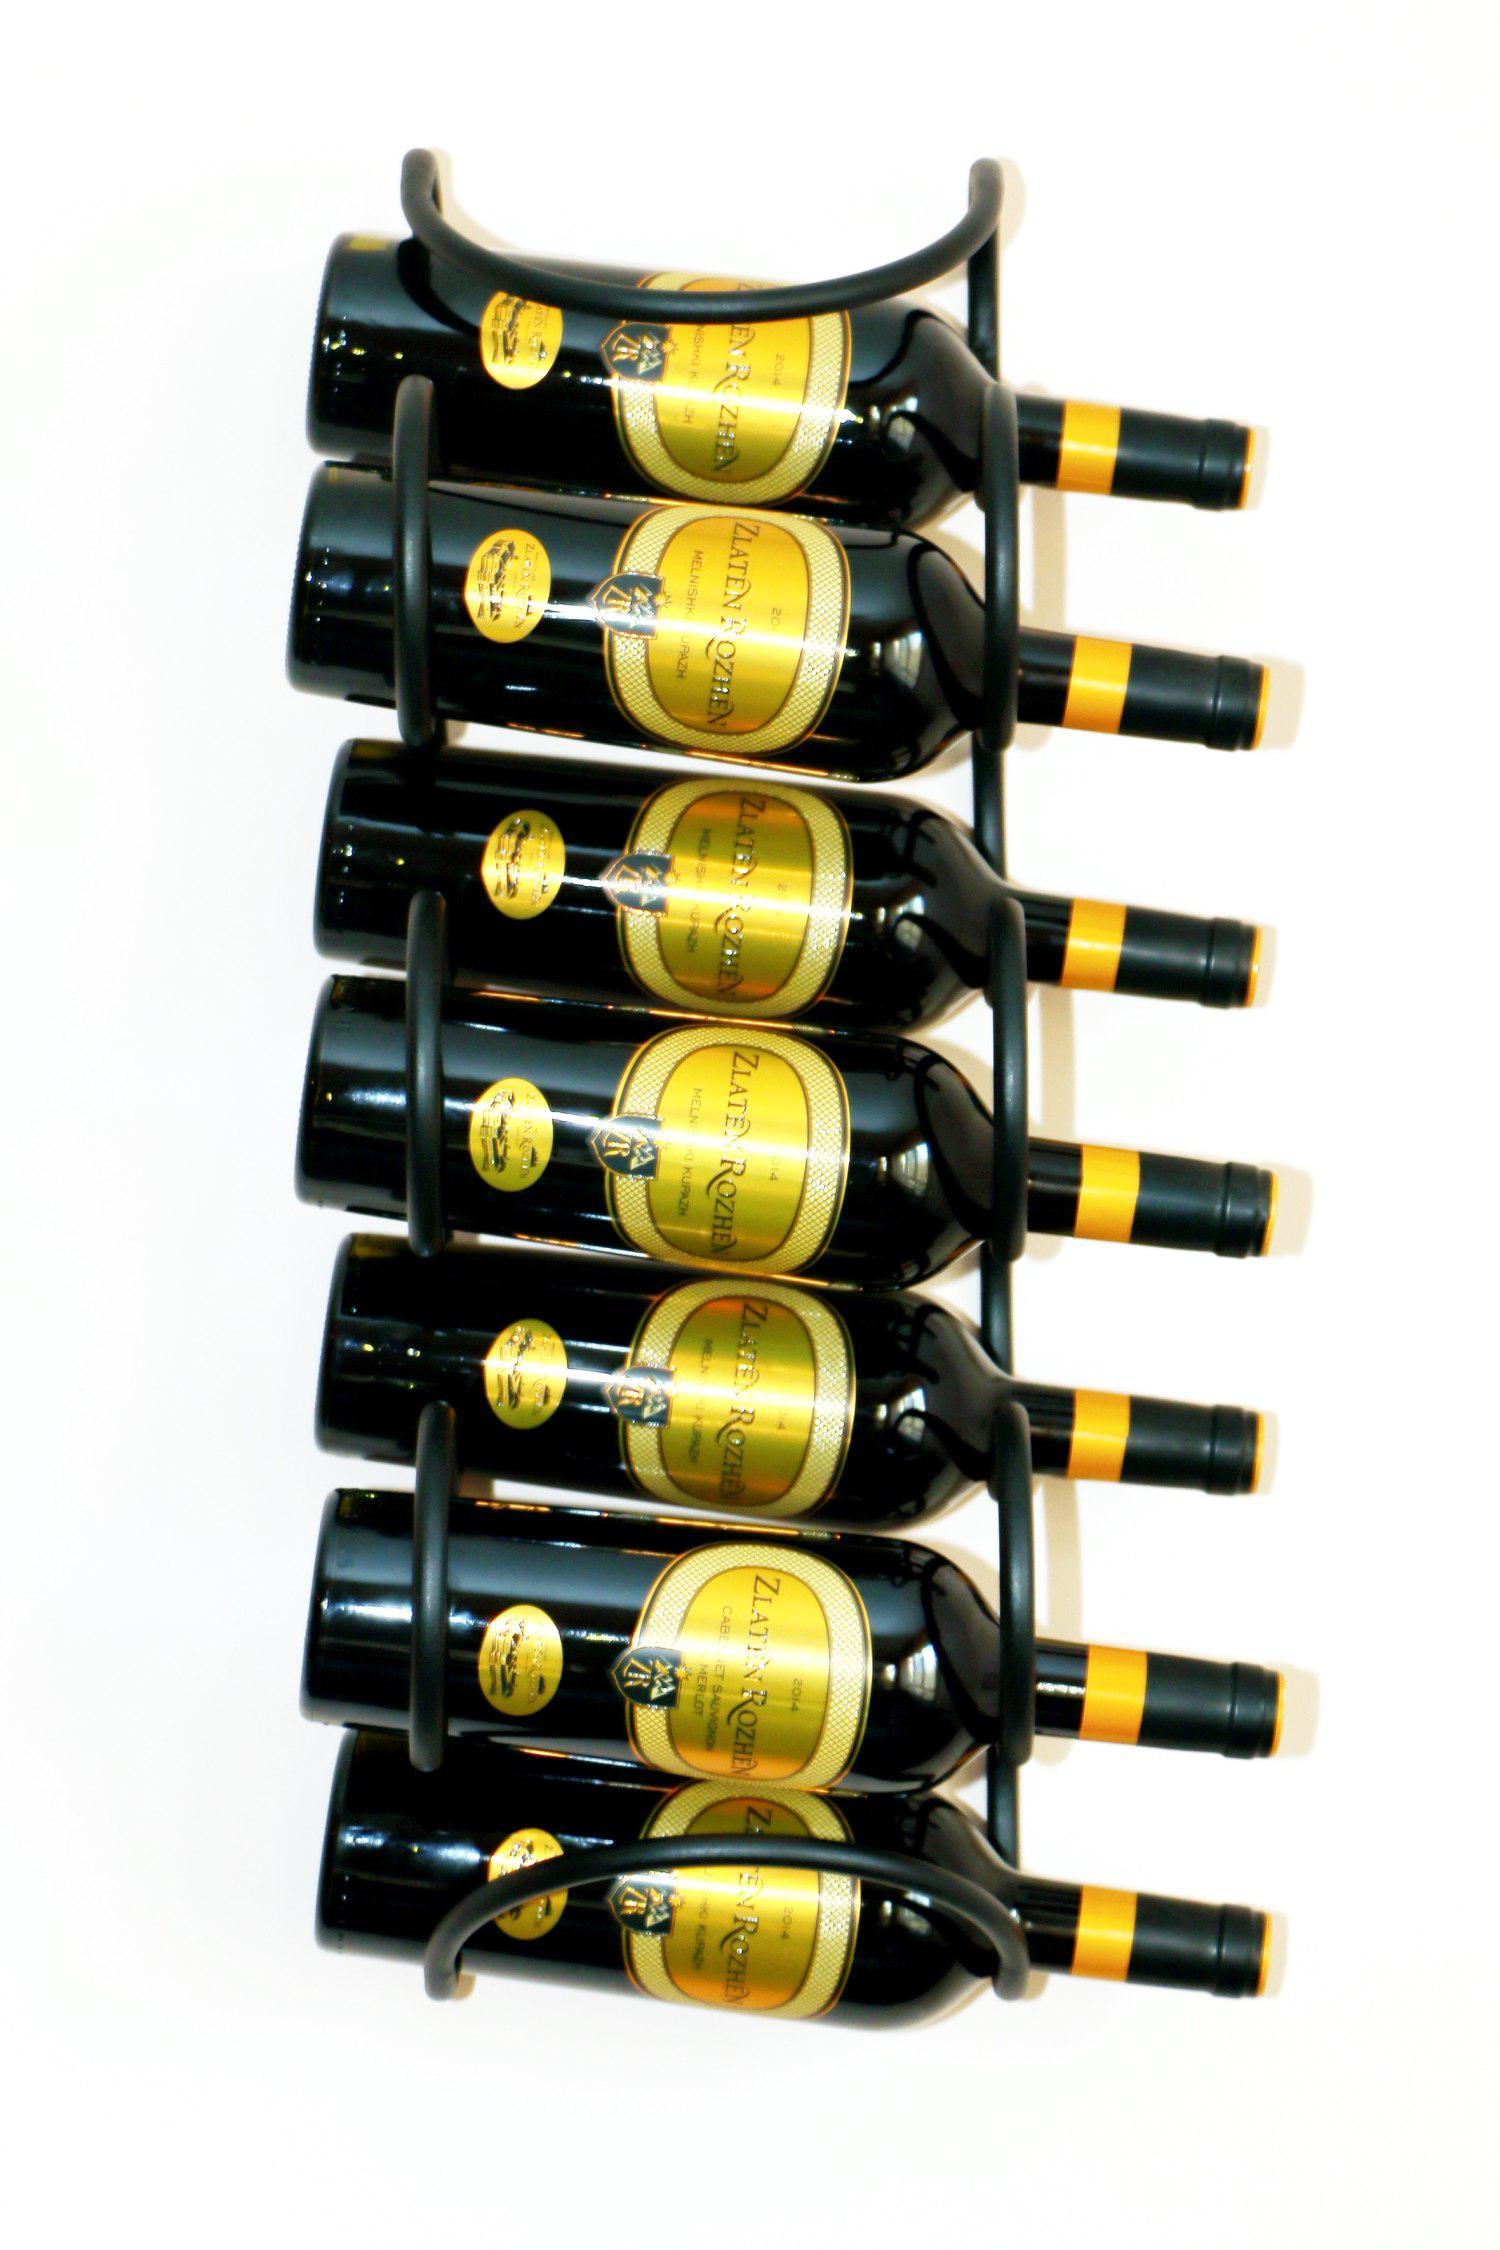 weinregal welle 58 cm aus metall f r 7 flaschen flaschenst nder wandregal flaschenhalter. Black Bedroom Furniture Sets. Home Design Ideas